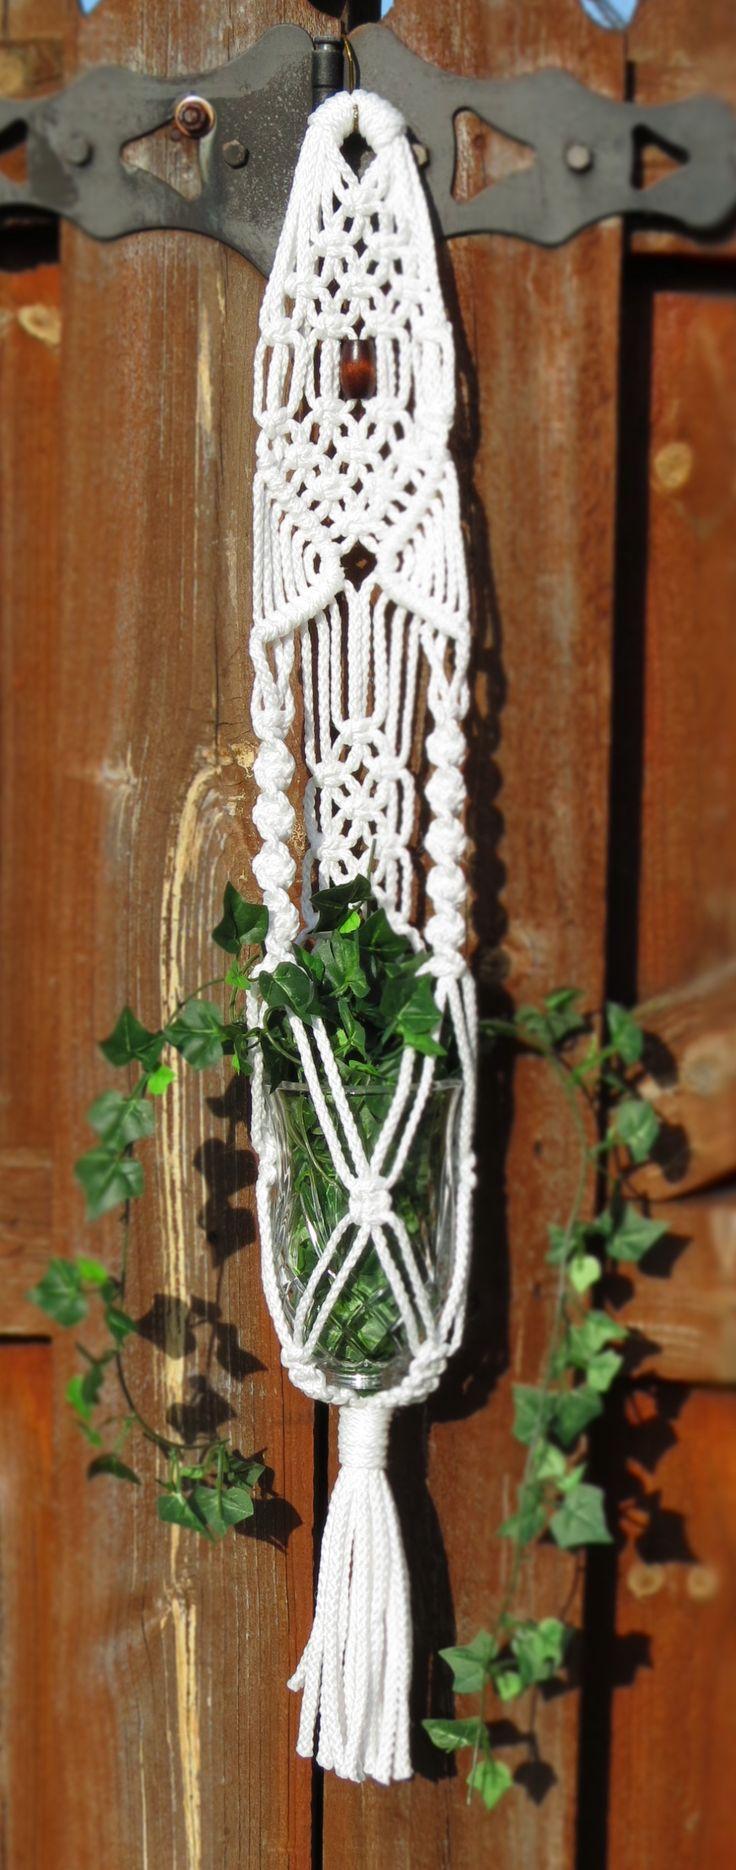 2268 best 70s home decor images on pinterest 1970s decor retro macrame plant hanger white plant holder wedding decor hanging planter bohemian pot holders modern pot hanger small plant hanger gift